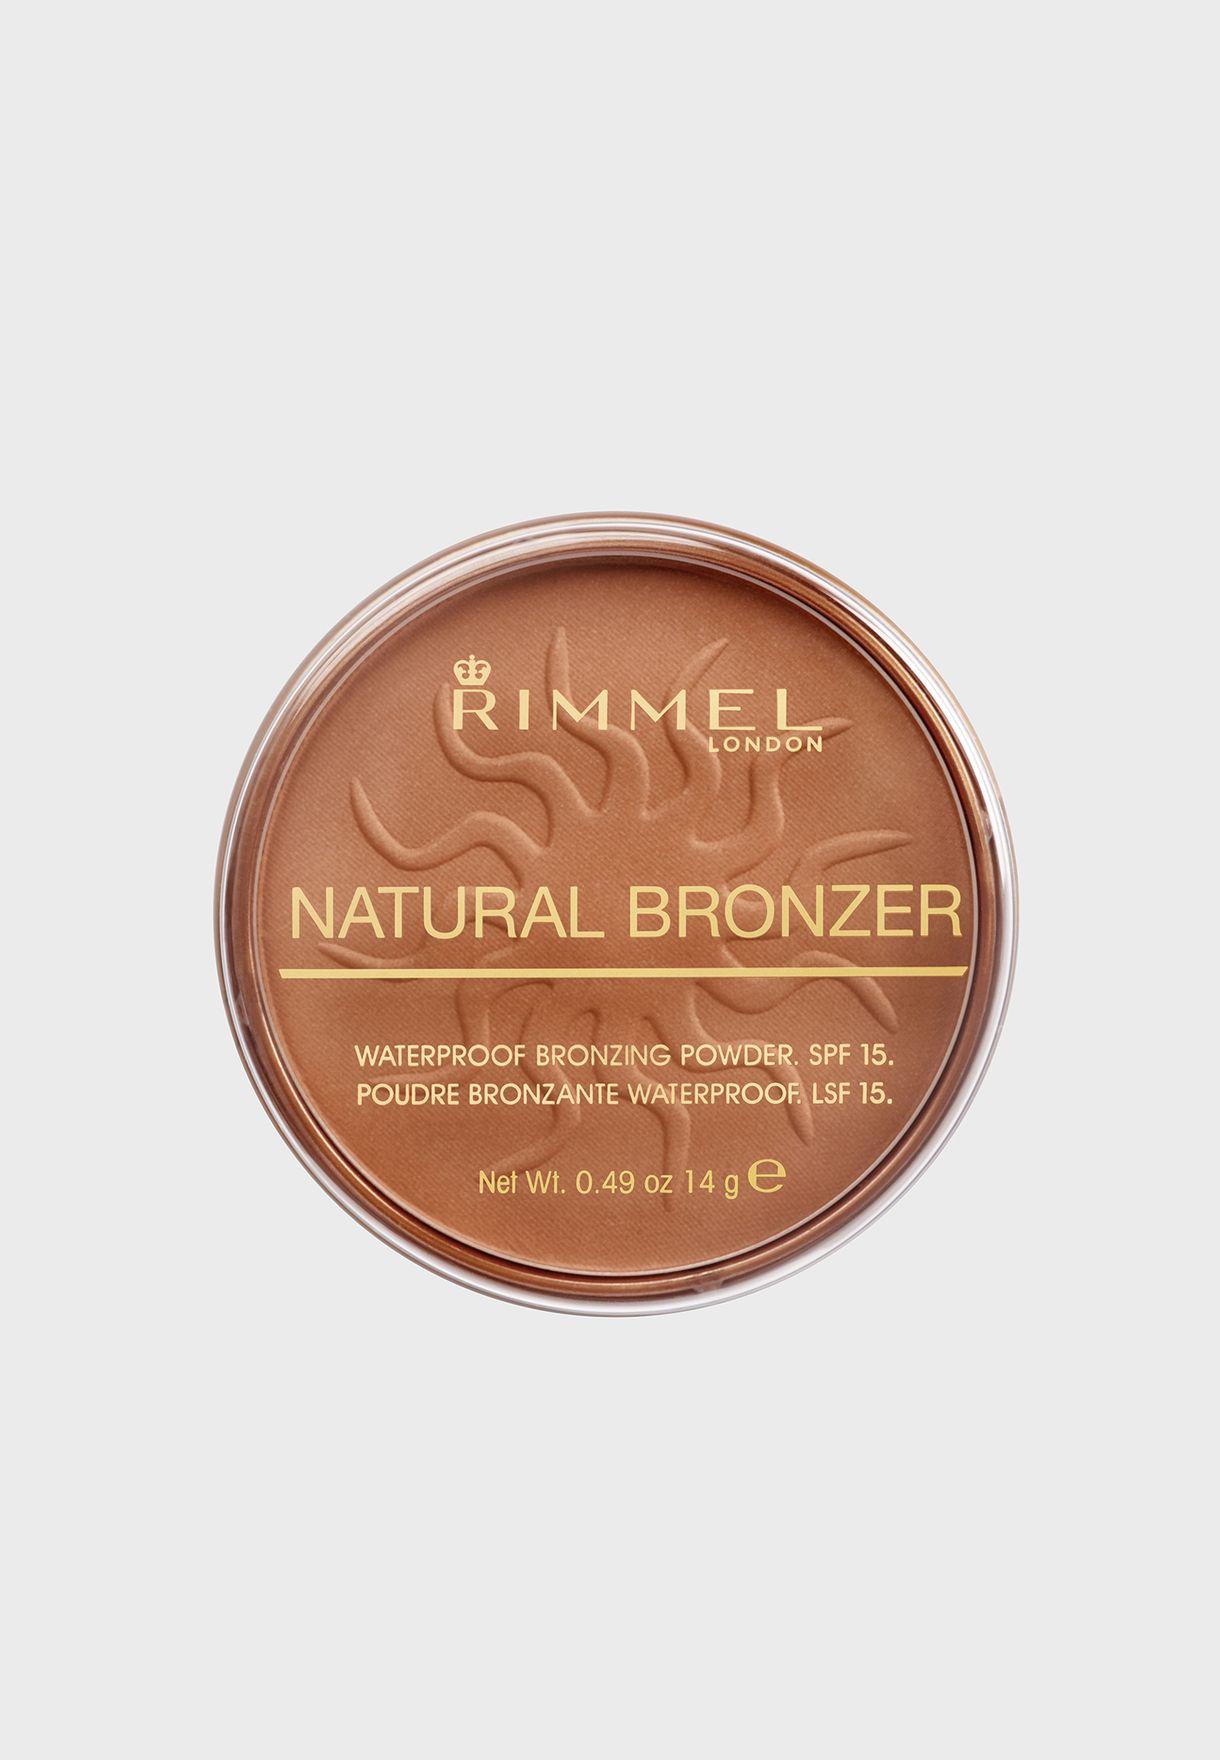 برونزر طبيعي للبشرة - 25 صن جلو